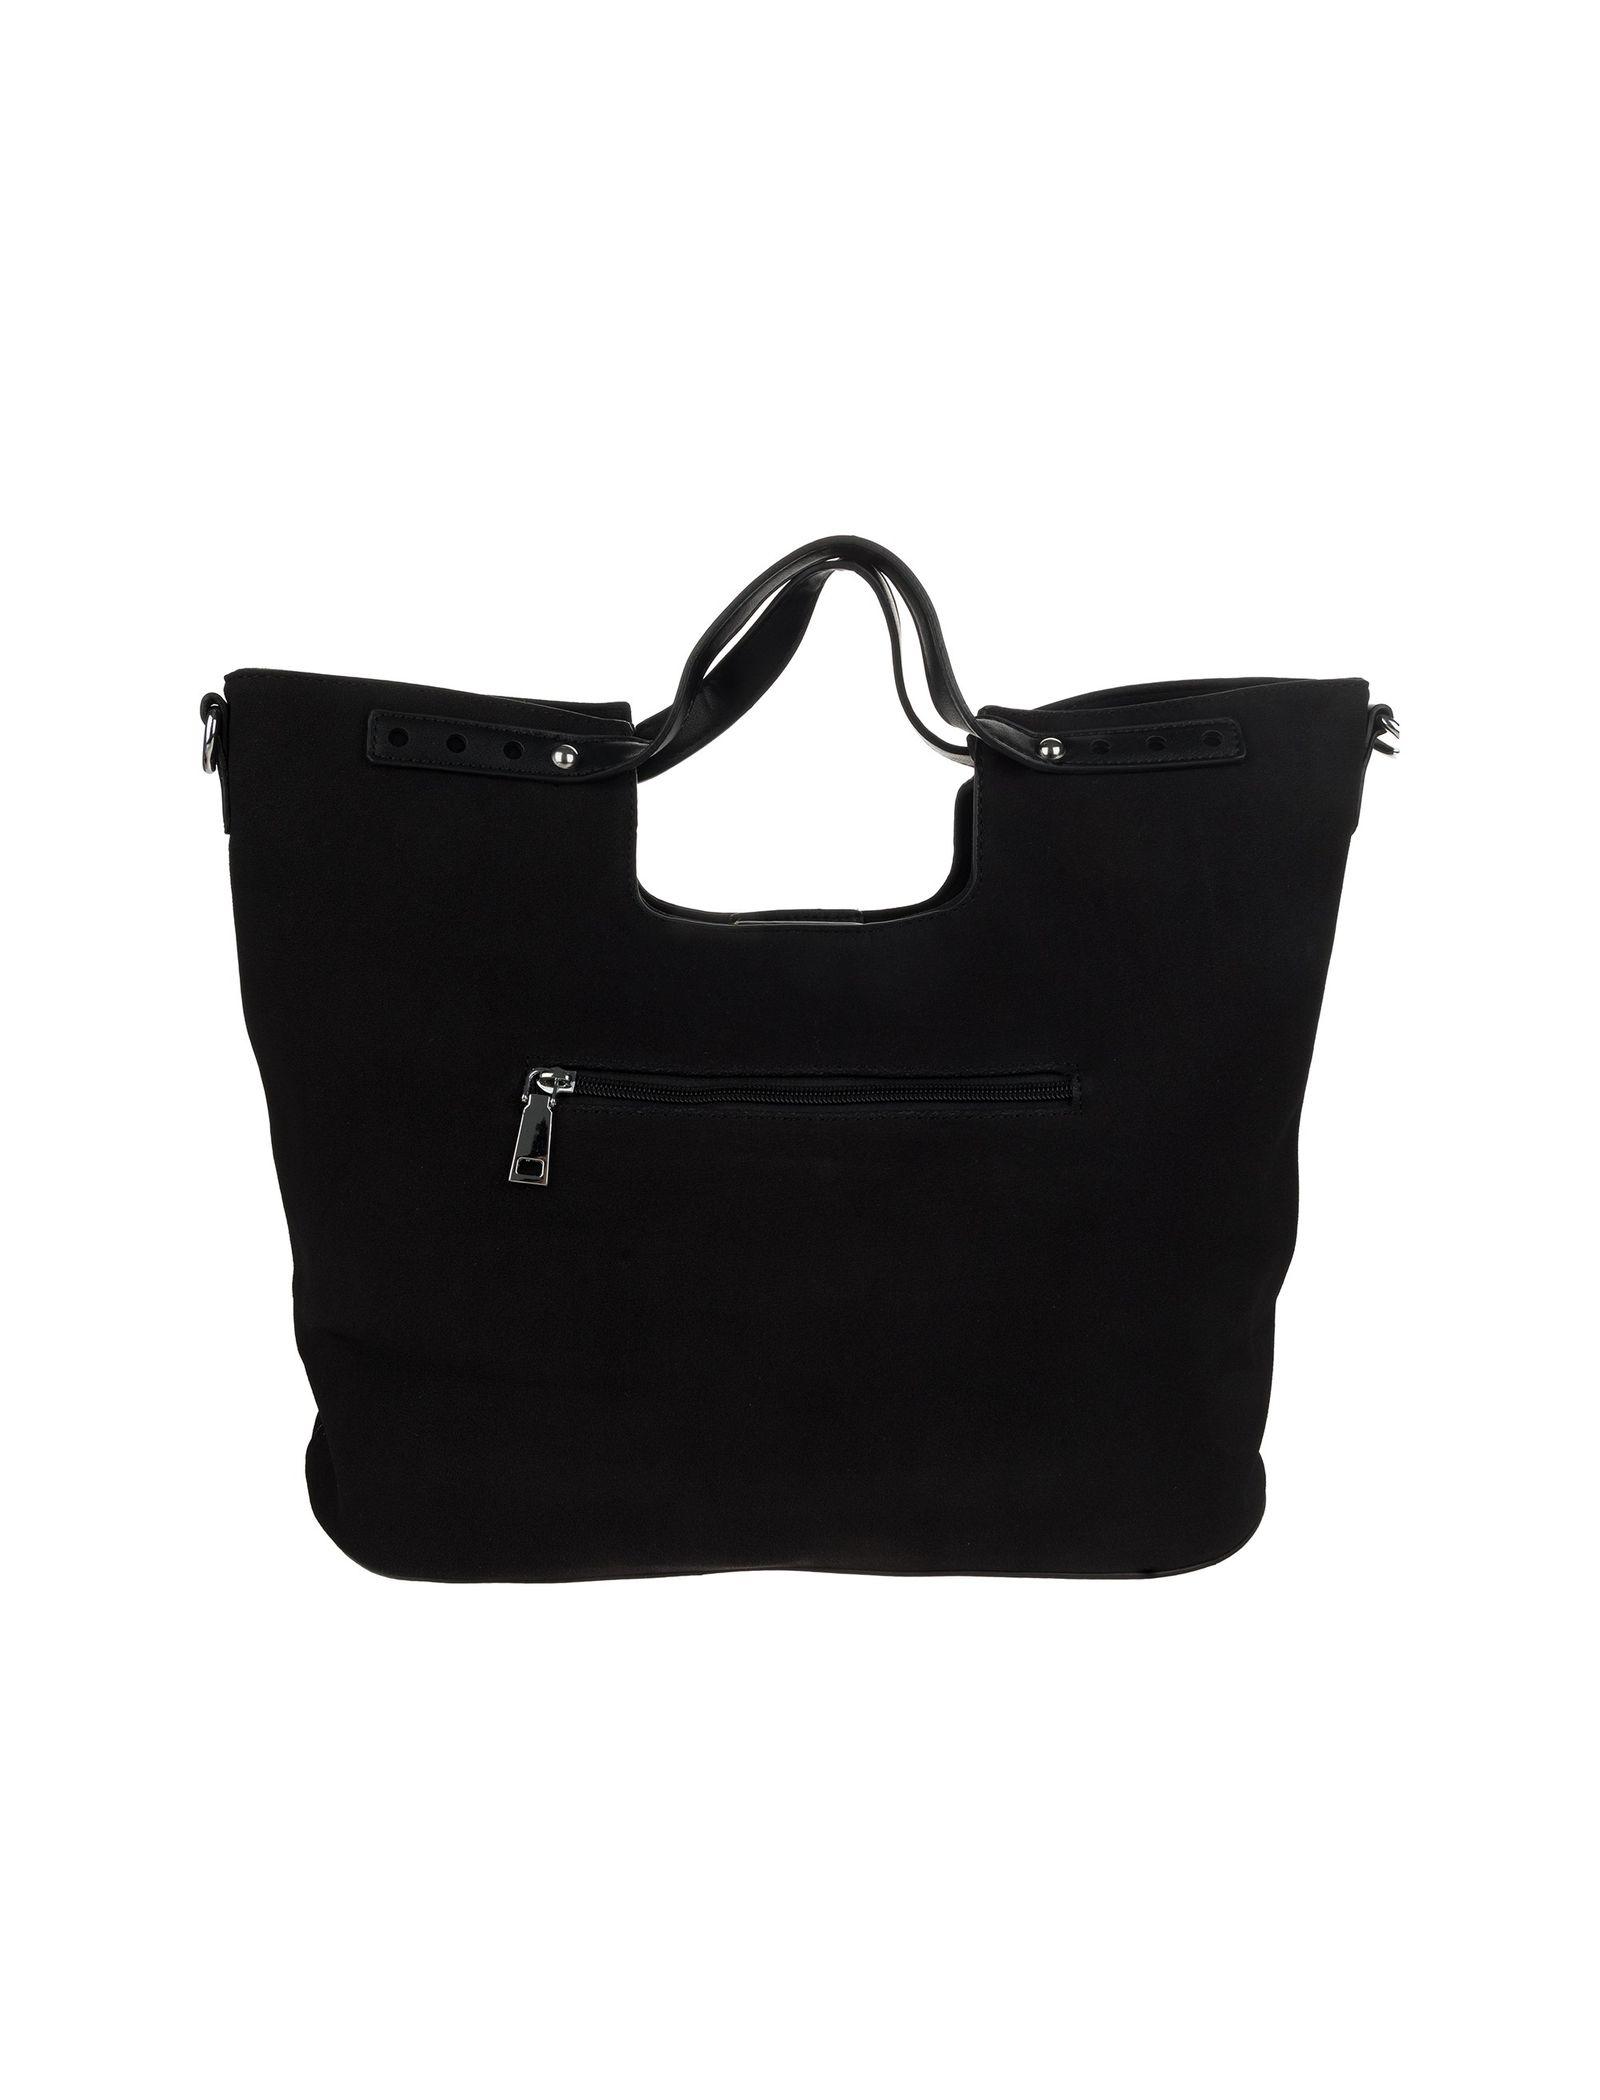 کیف دستی روزمره زنانه - شانتال تک سایز - مشکي  - 6